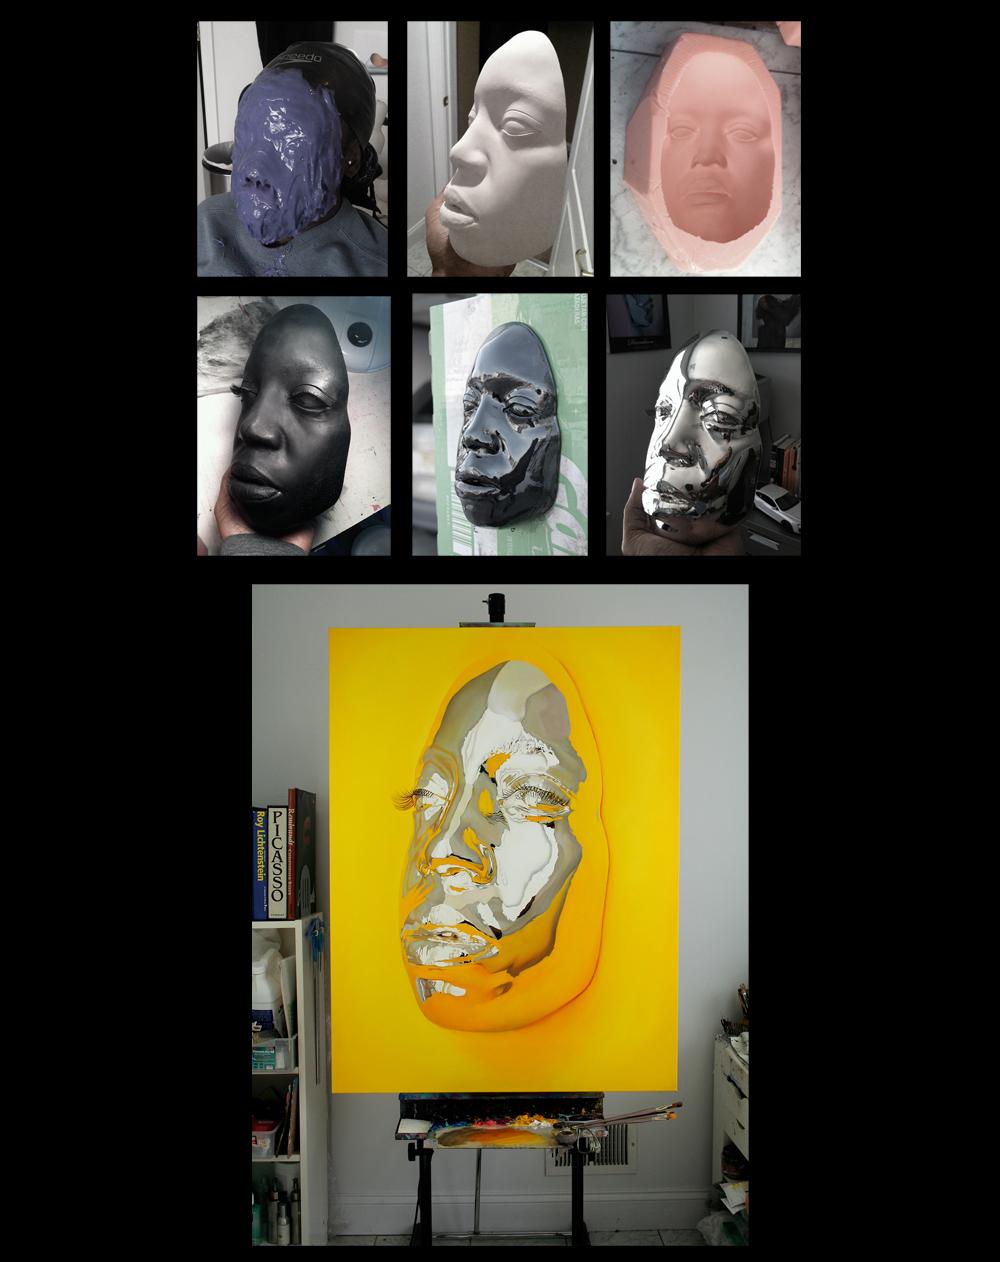 Diovadiova Chrome, гиперреалистичные портреты, Кип Омолейд, Kip Omolade